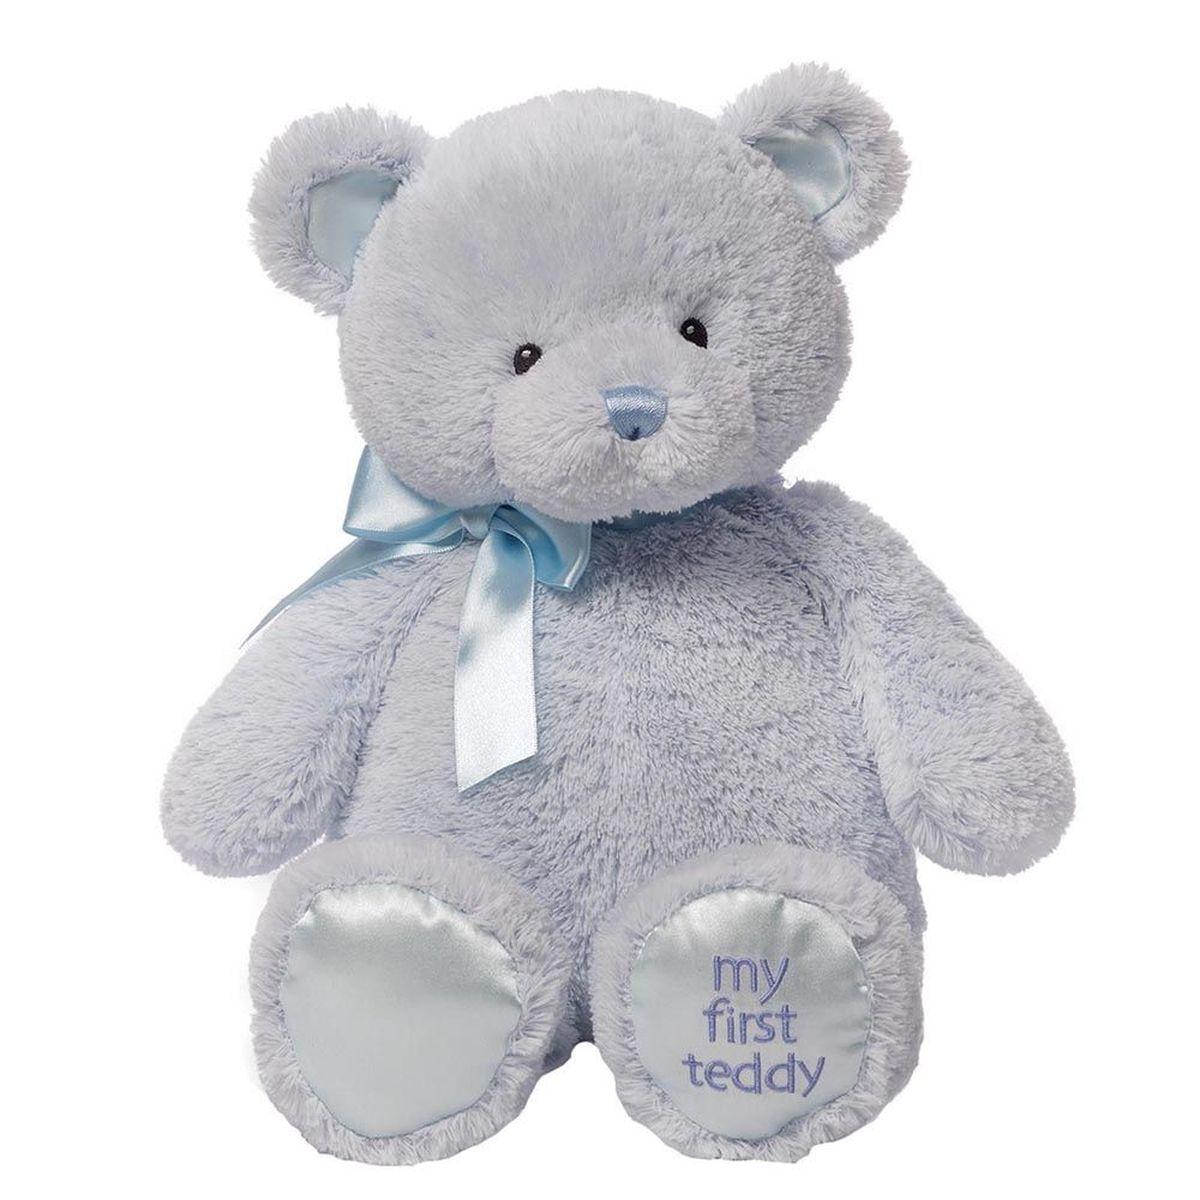 Gund Мягкая игрушка My First Teddy Large Blue 45,5 см teddy мягкая игрушка собака в голубом пиджаке 18 см